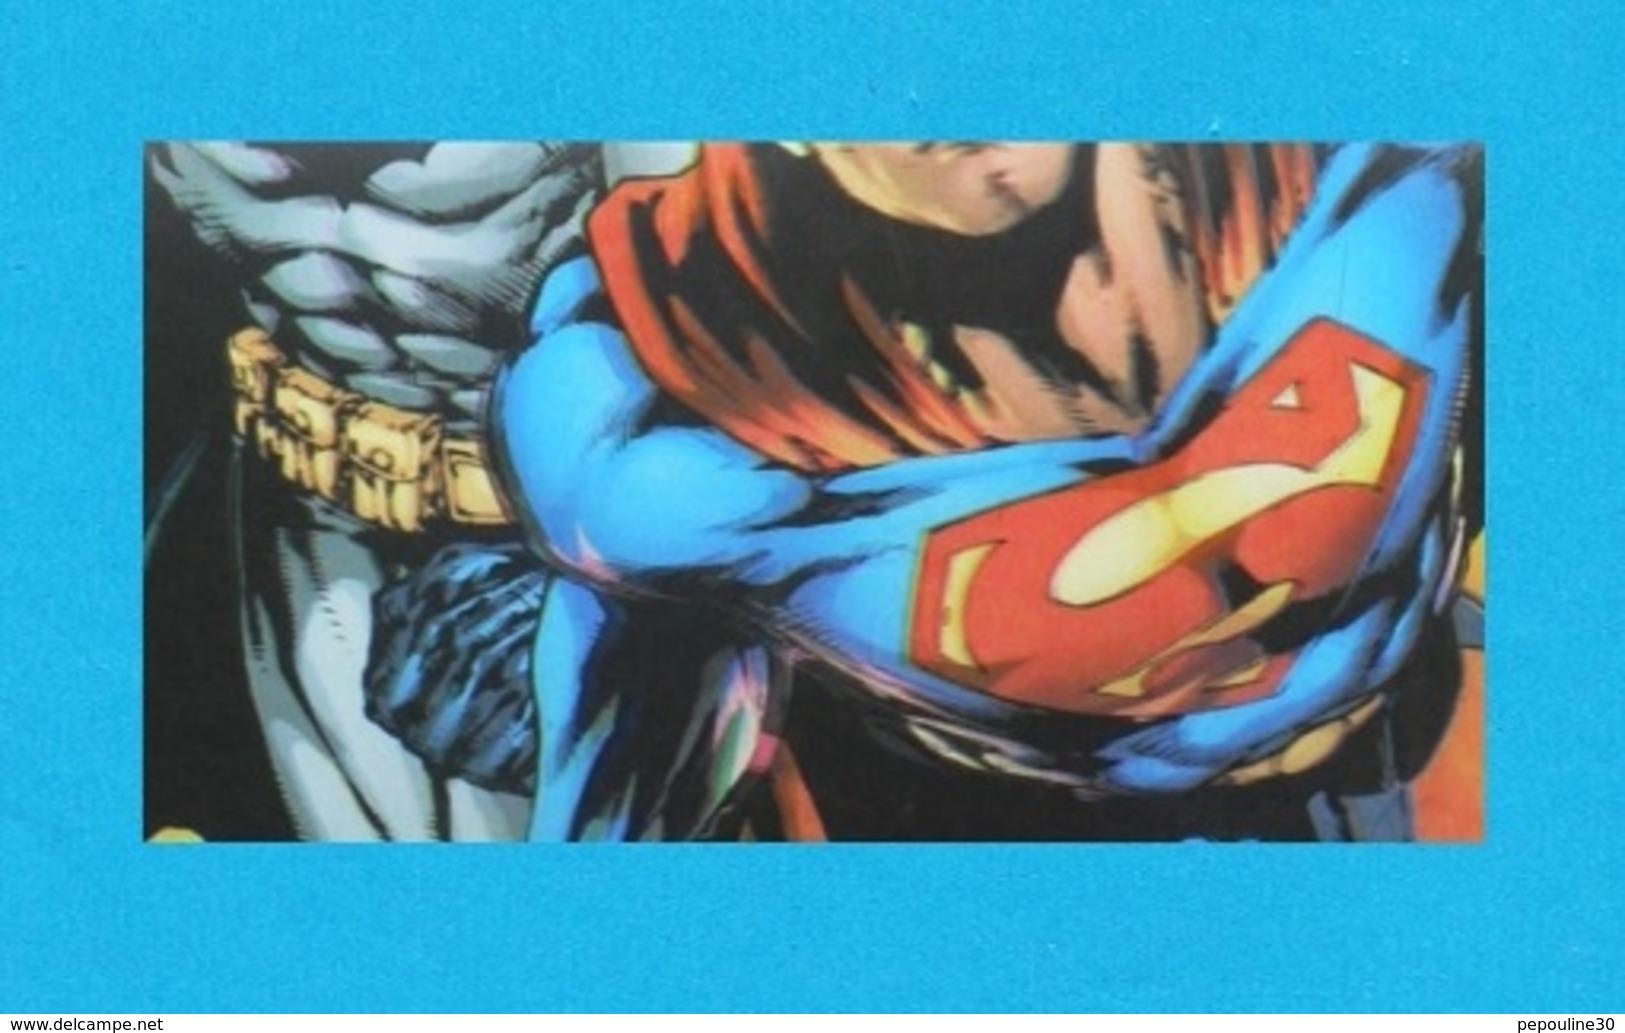 ** DC COMICS ** SUPERMAN / BATMAN ** POSTER RELIEF * 3D * IMAGE ANAGLYPHES ** 47cm X 67cm . (™ & © DC COMICS. (s12)) - Affiches & Posters